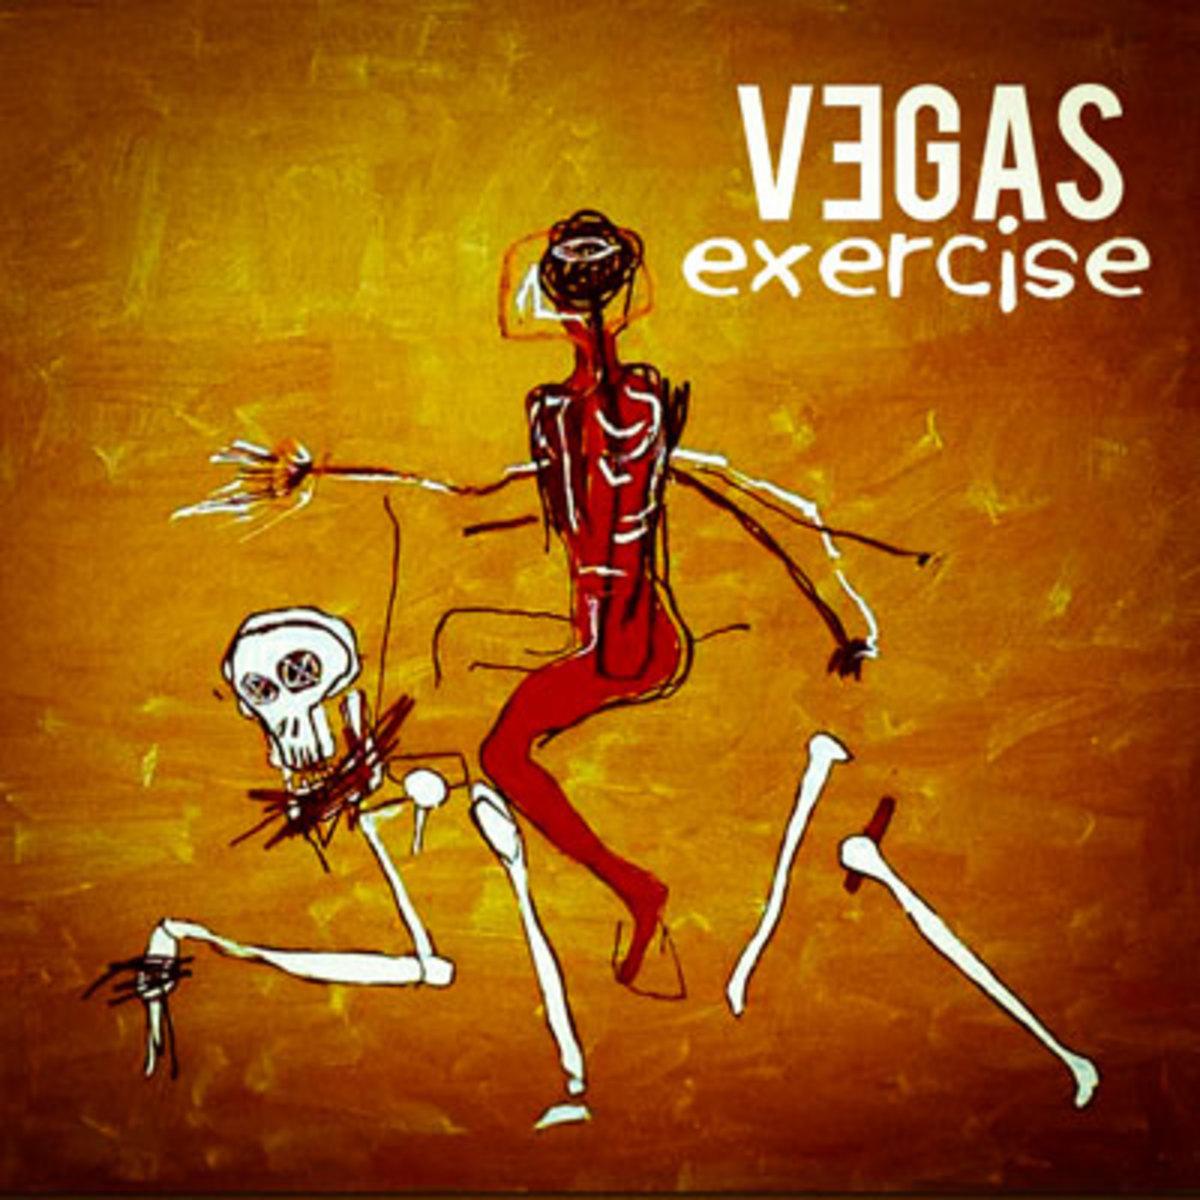 vegas-excercise.jpg